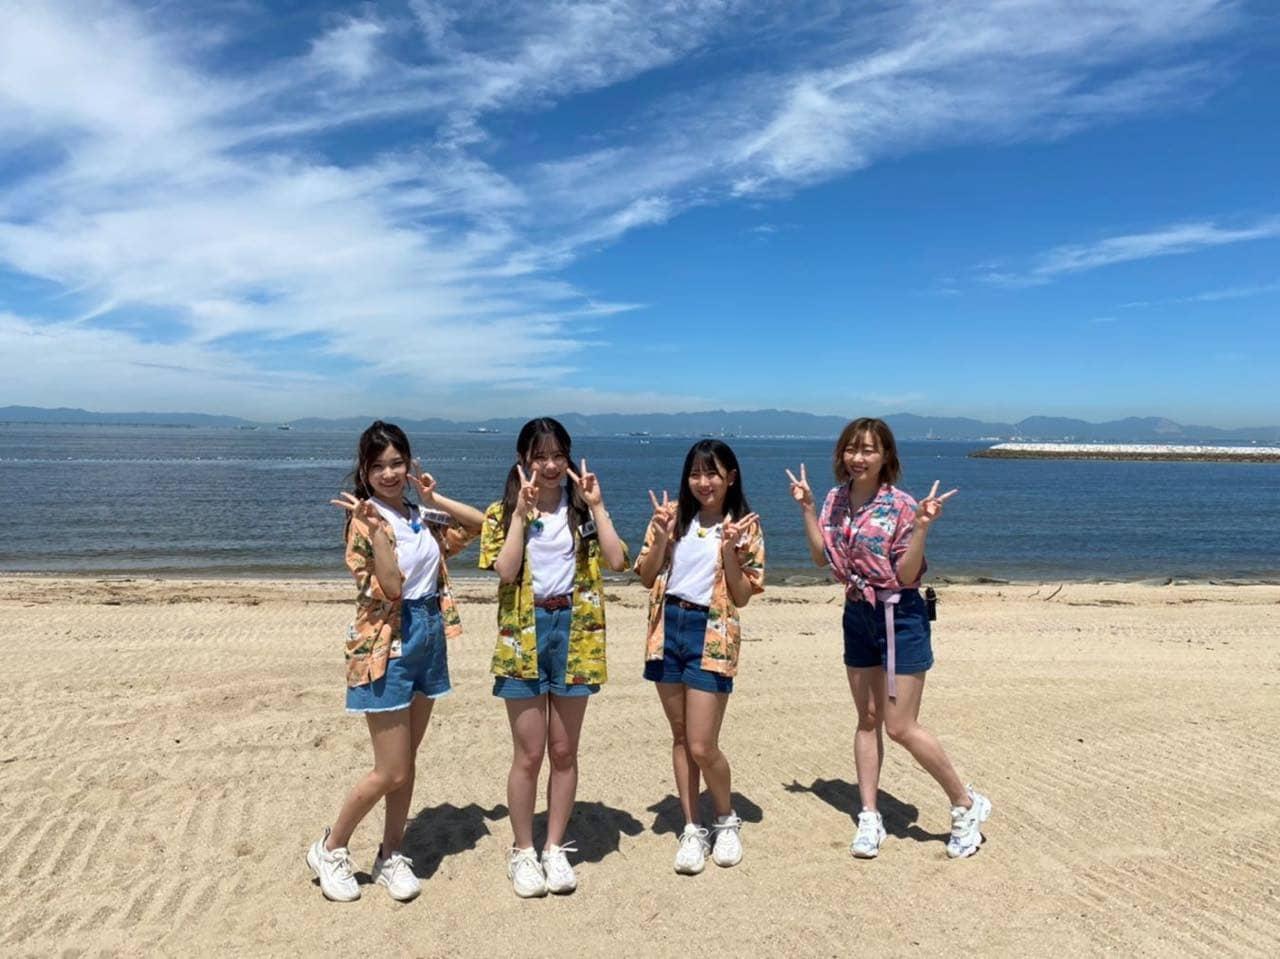 「SKE48のバズらせます!!」バブルボールで運動会 in りんくうビーチ